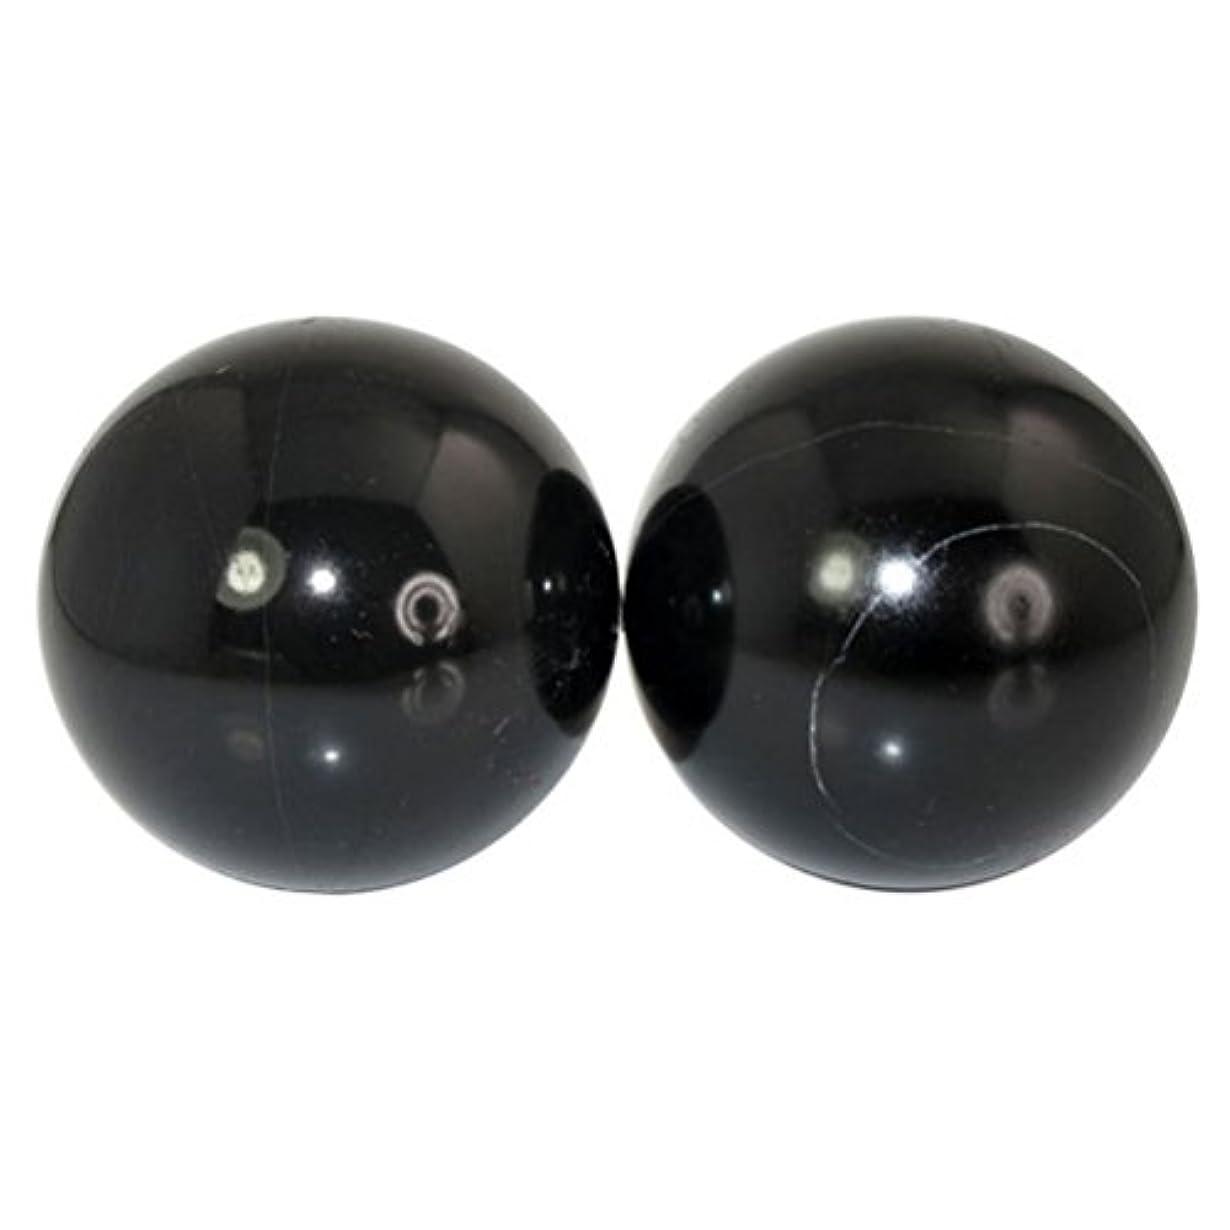 伴うバージンゾーンROSENICE 2本の天然石マッサージボール瞑想フィットネスハンドエクササイズヒーリングボール(手治療用)ストレスレリーフ(黒)